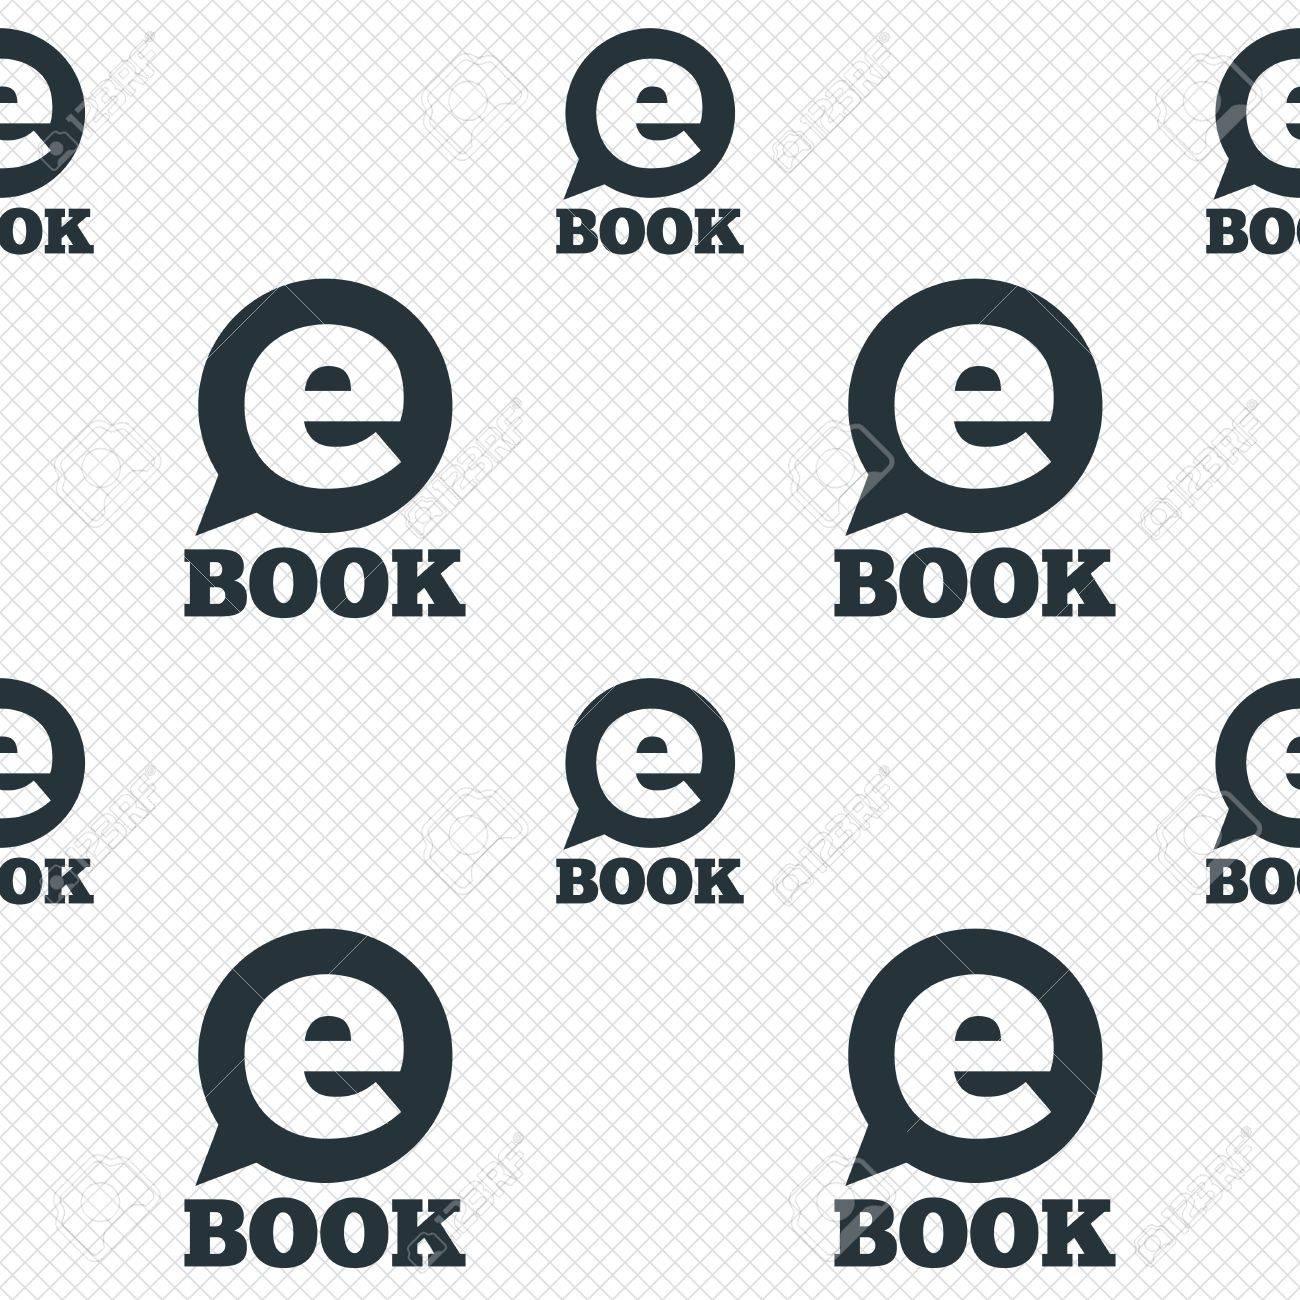 E-Book Sign Icon. Electronic Book Symbol. Ebook Reader Device ...